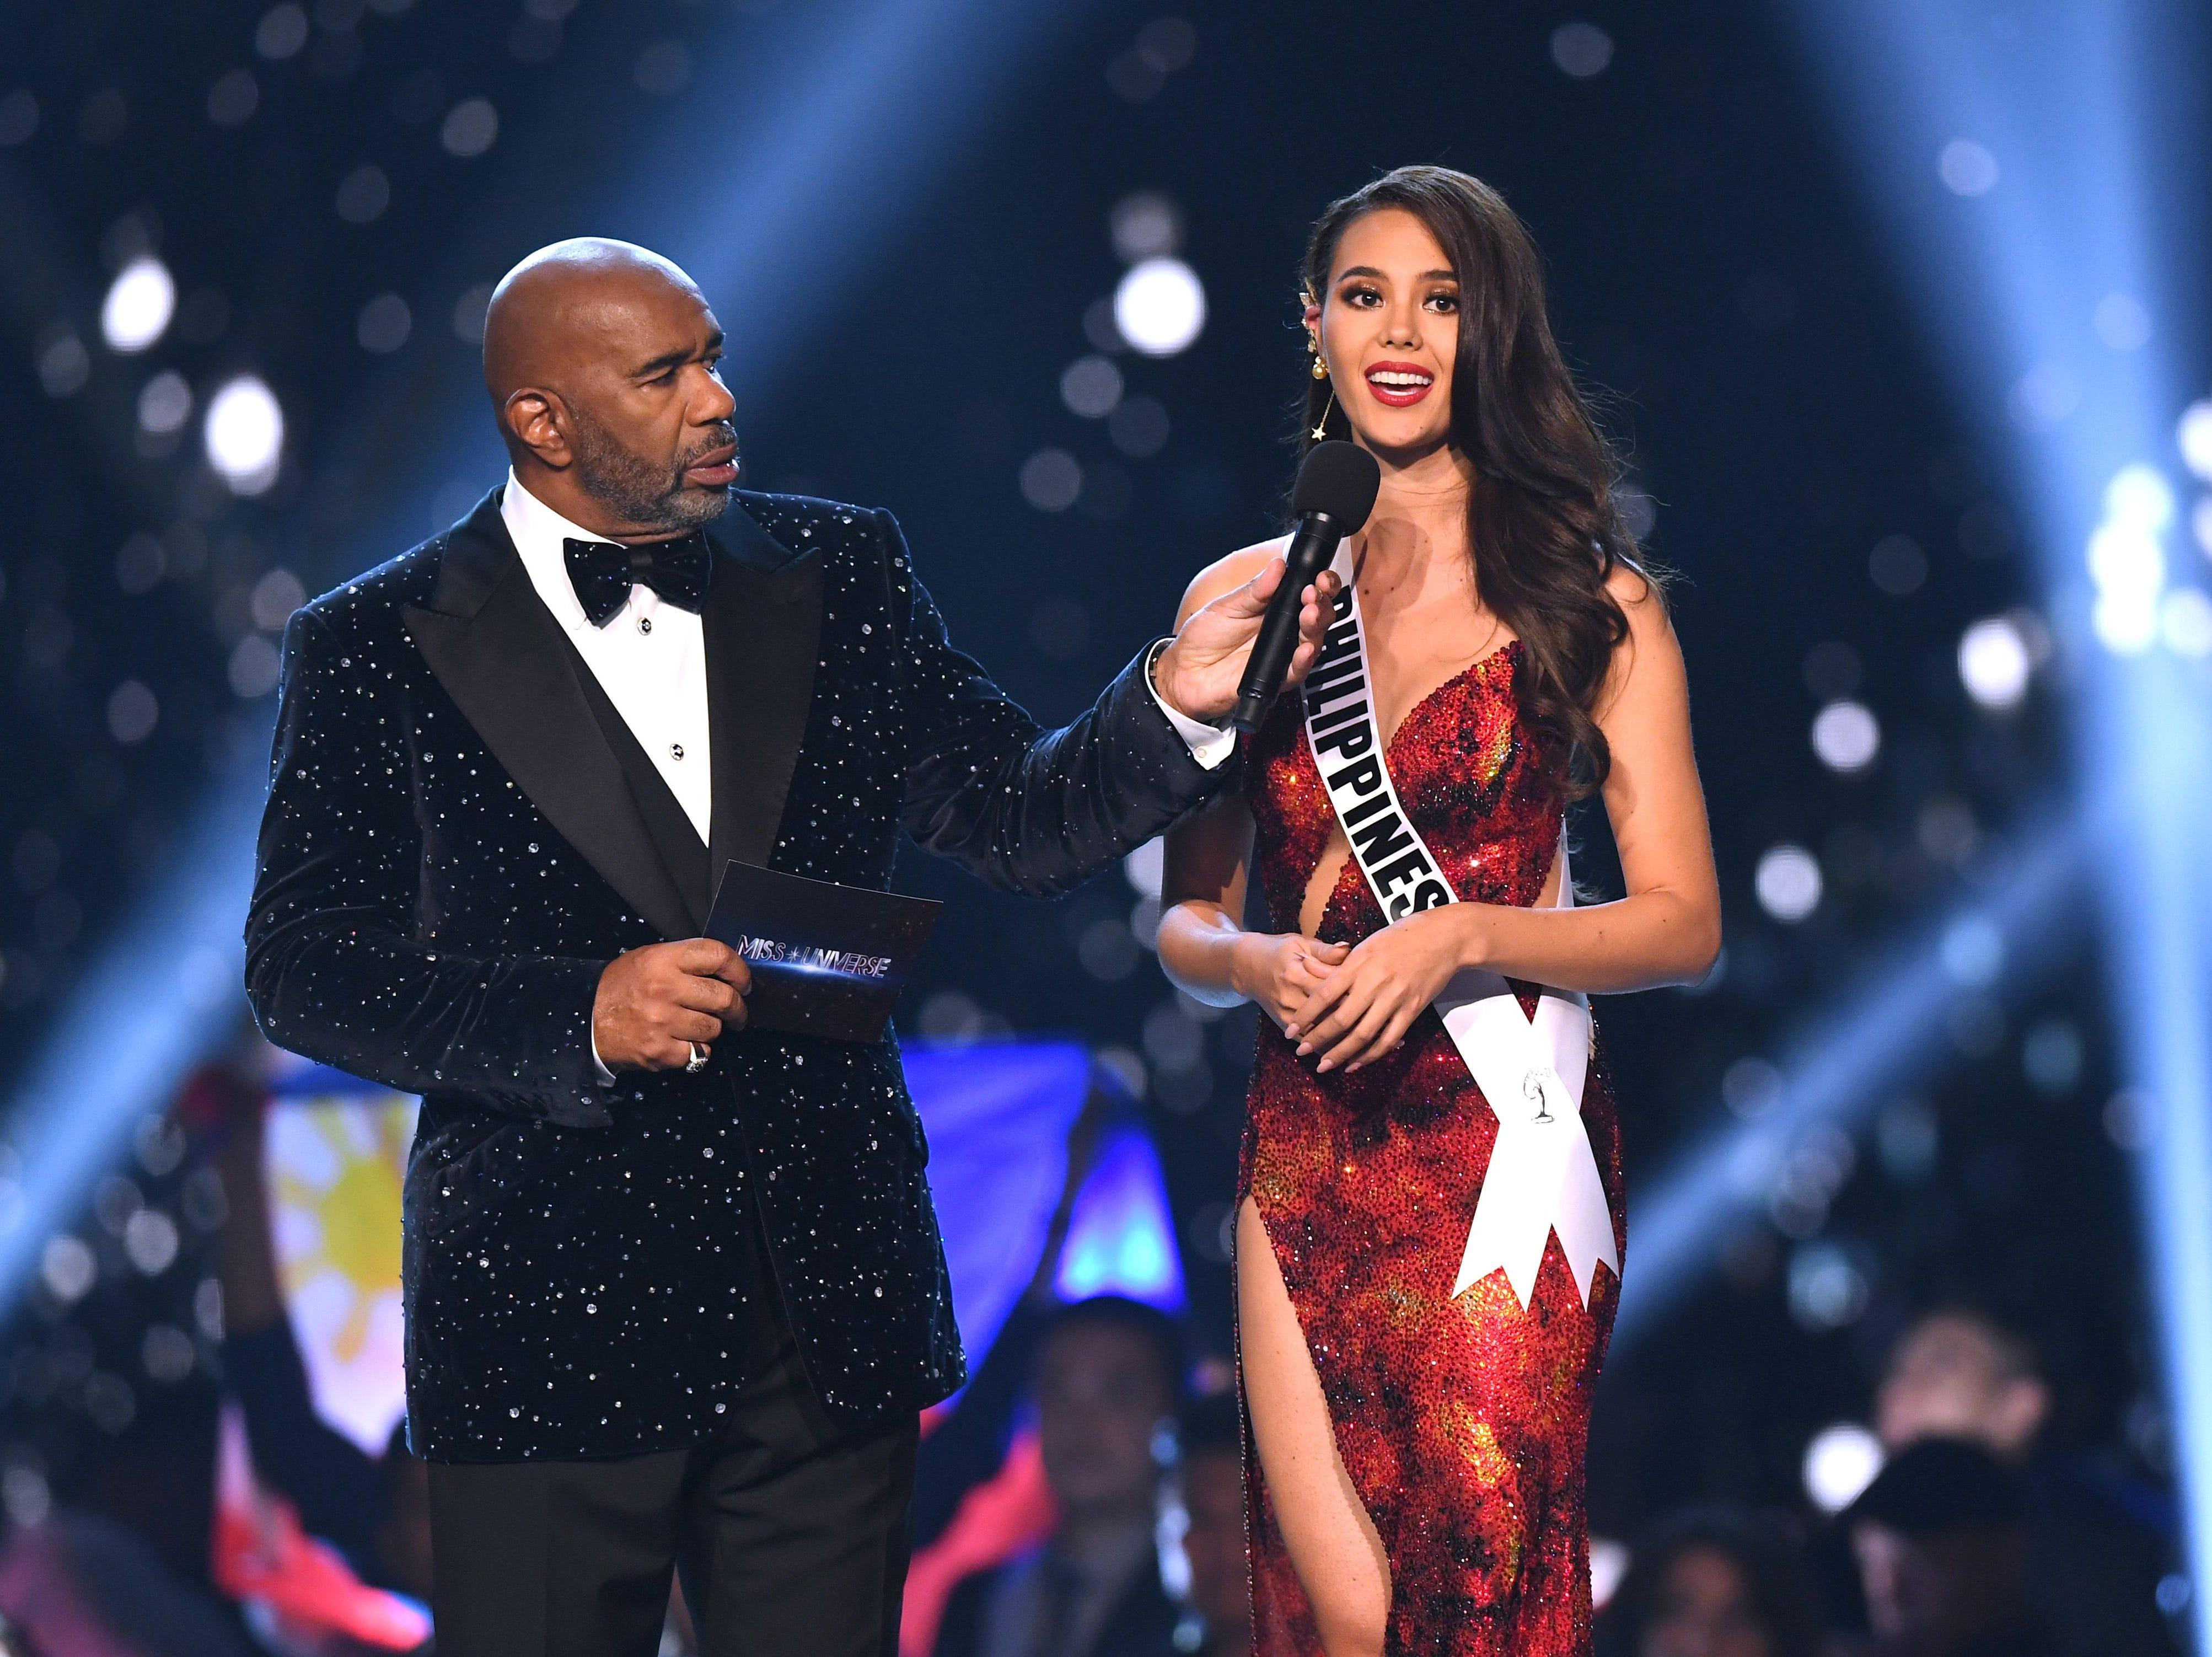 Catriona Gray (der) de Filipinas habla mientras el anfitrión Steve Harvey escuchadurante  la ronda final a los tres finalistas del concurso Miss Universo 2018 en Bangkok el 17 de diciembre de 2018.